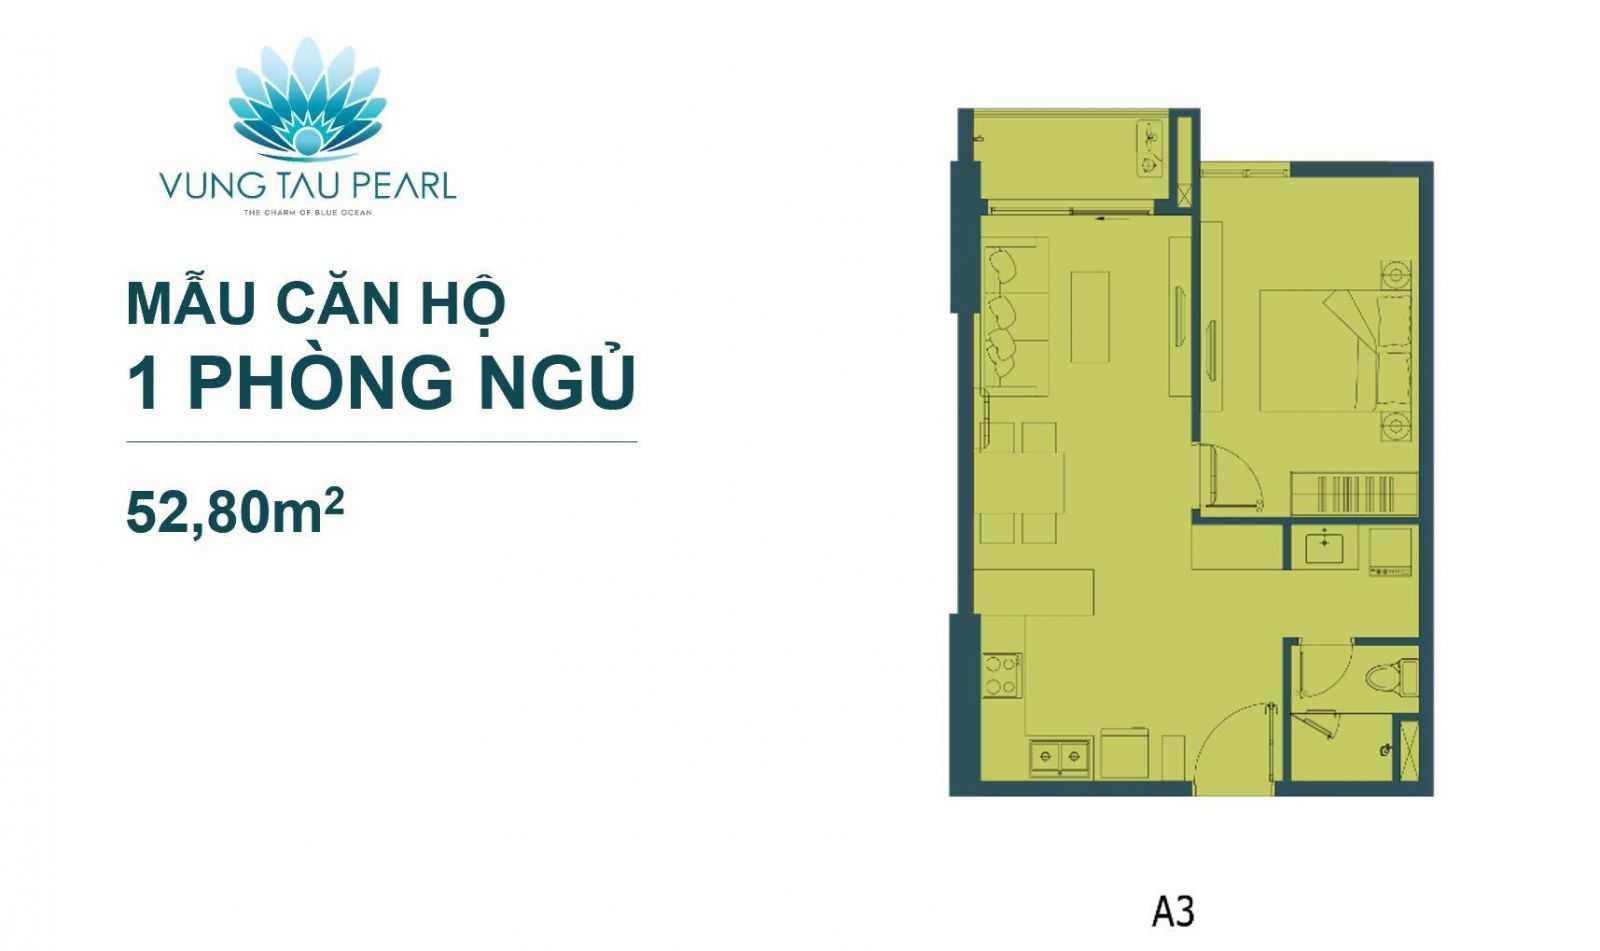 Mẫu Căn Hộ 1 Phòng Ngủ Vung Tau Pearl